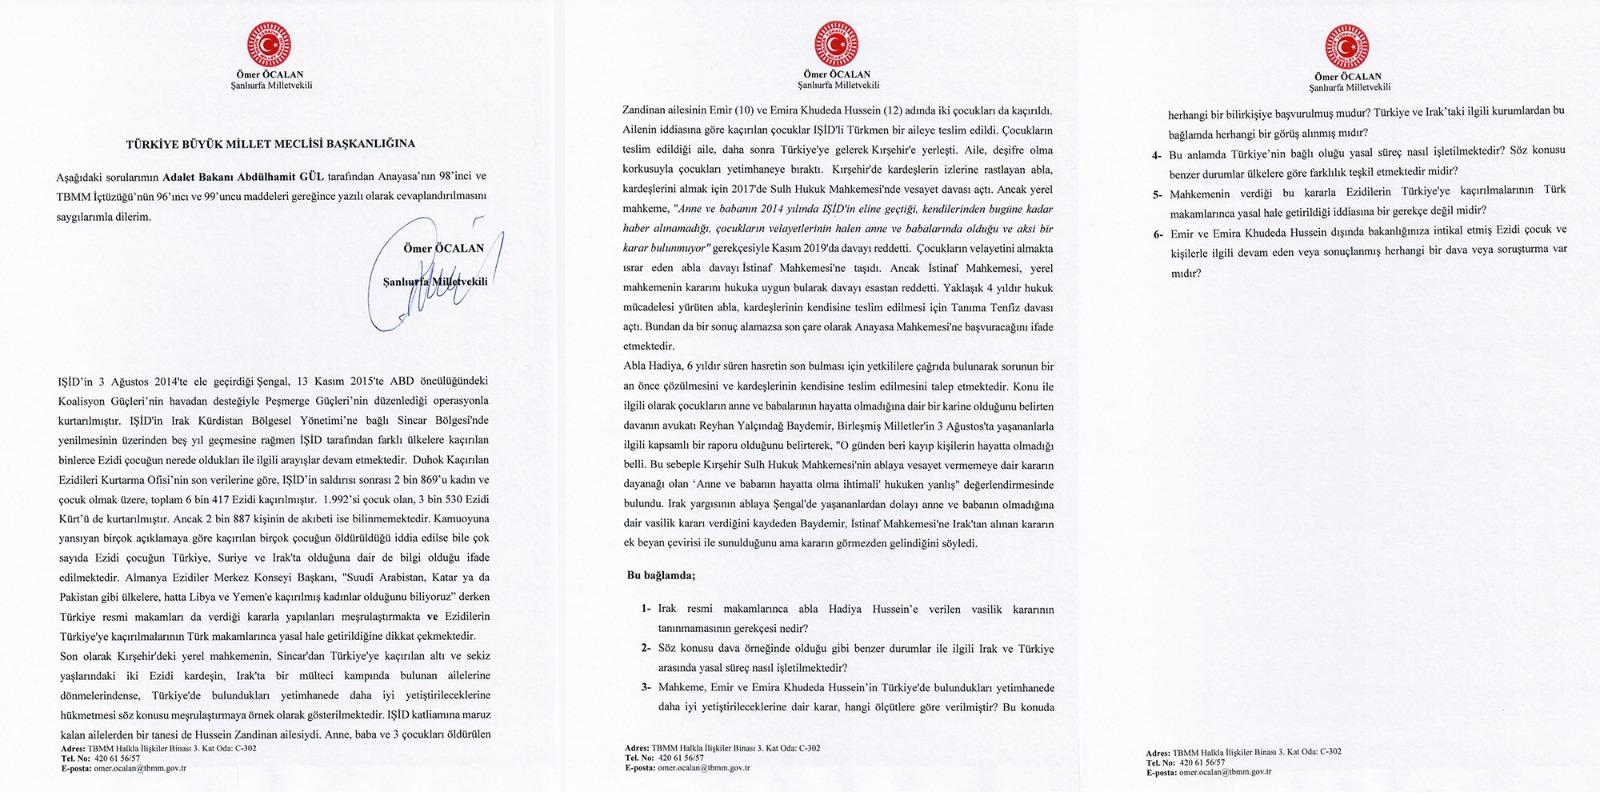 HDP Şanlıurfa Milletvekili Ömer Öcalan'ın Adalet Bakanı Abdulhamit Gül'ün yanıtlamasını istediği soru önergesi